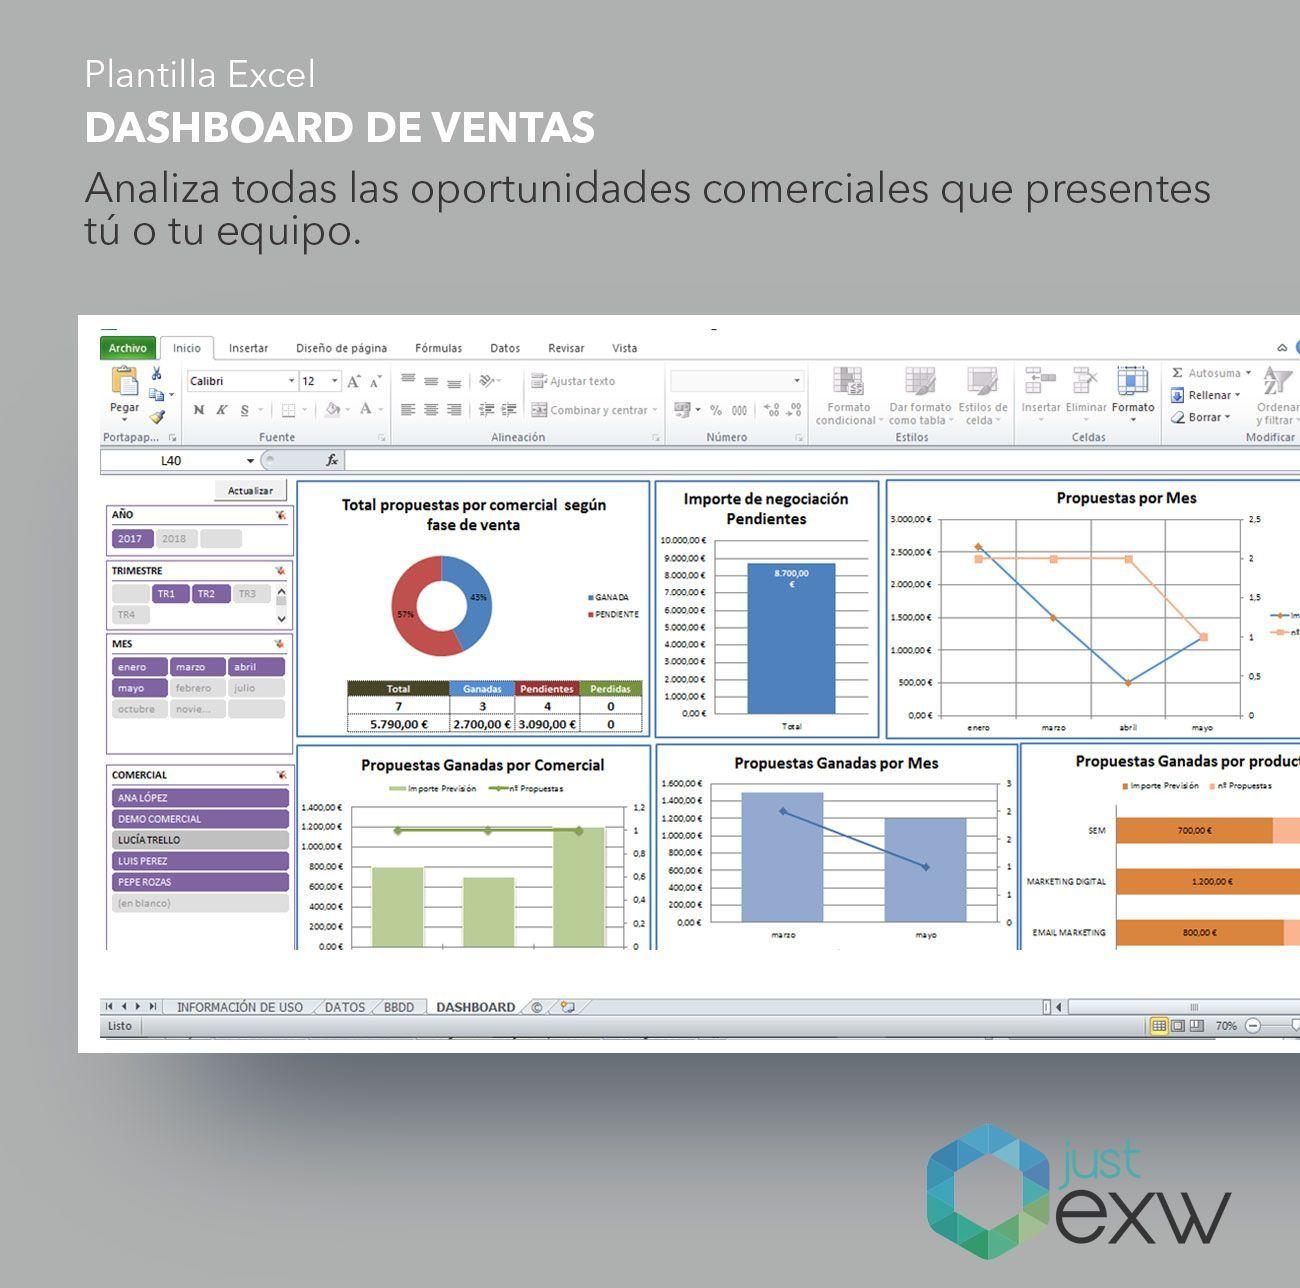 Plantilla de dashboard de ventas en Excel